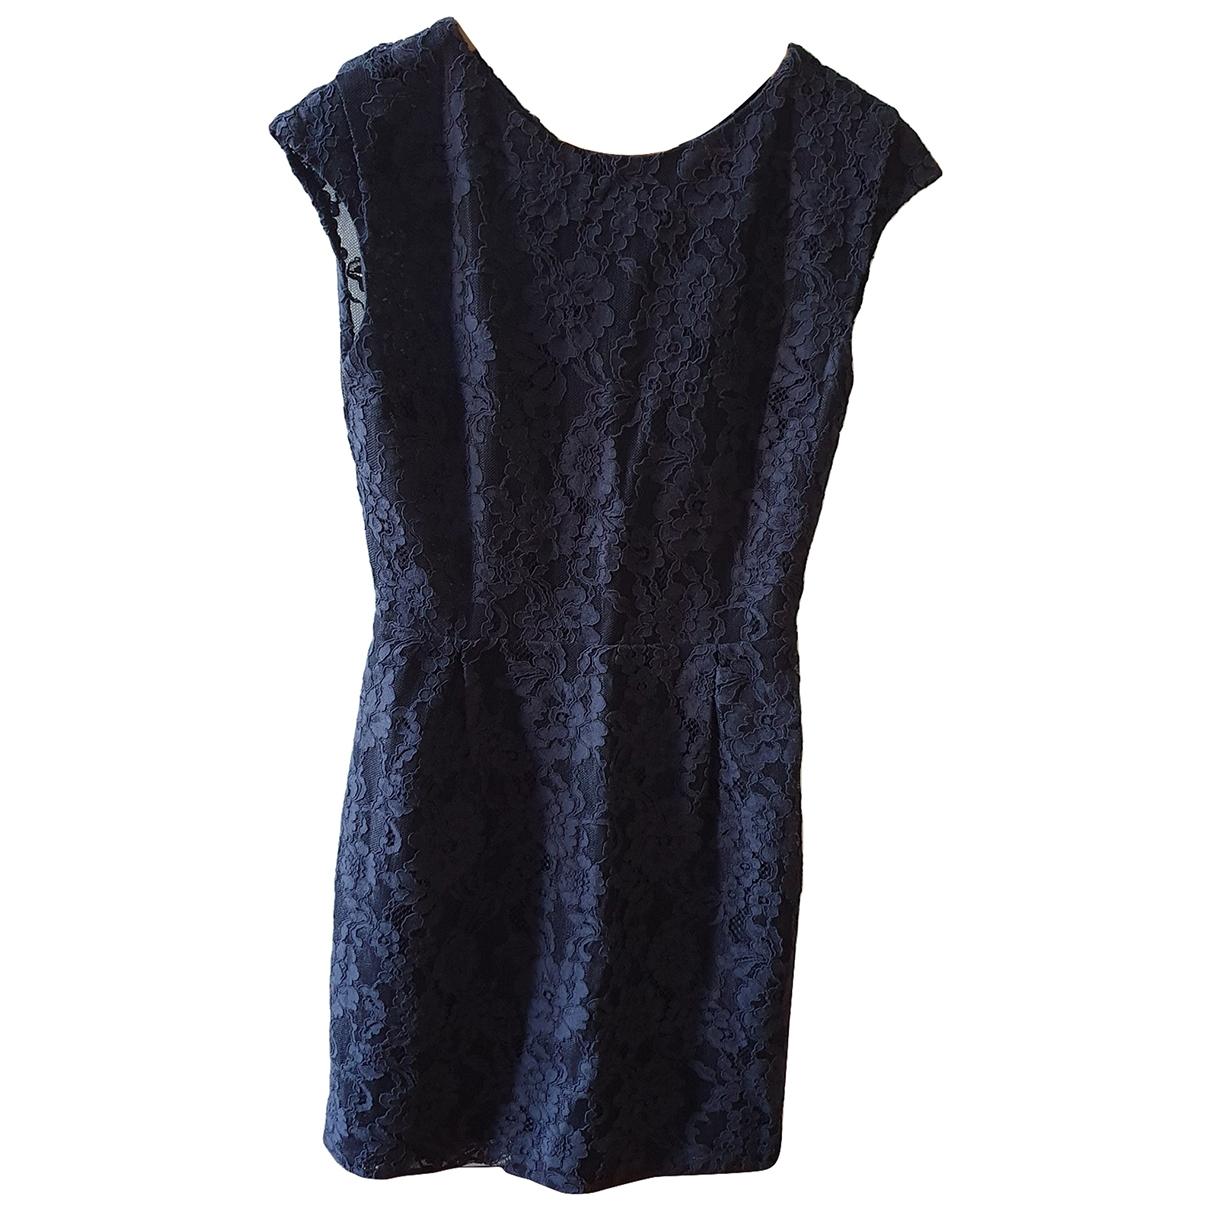 Sandro \N Black Cotton dress for Women 36 FR